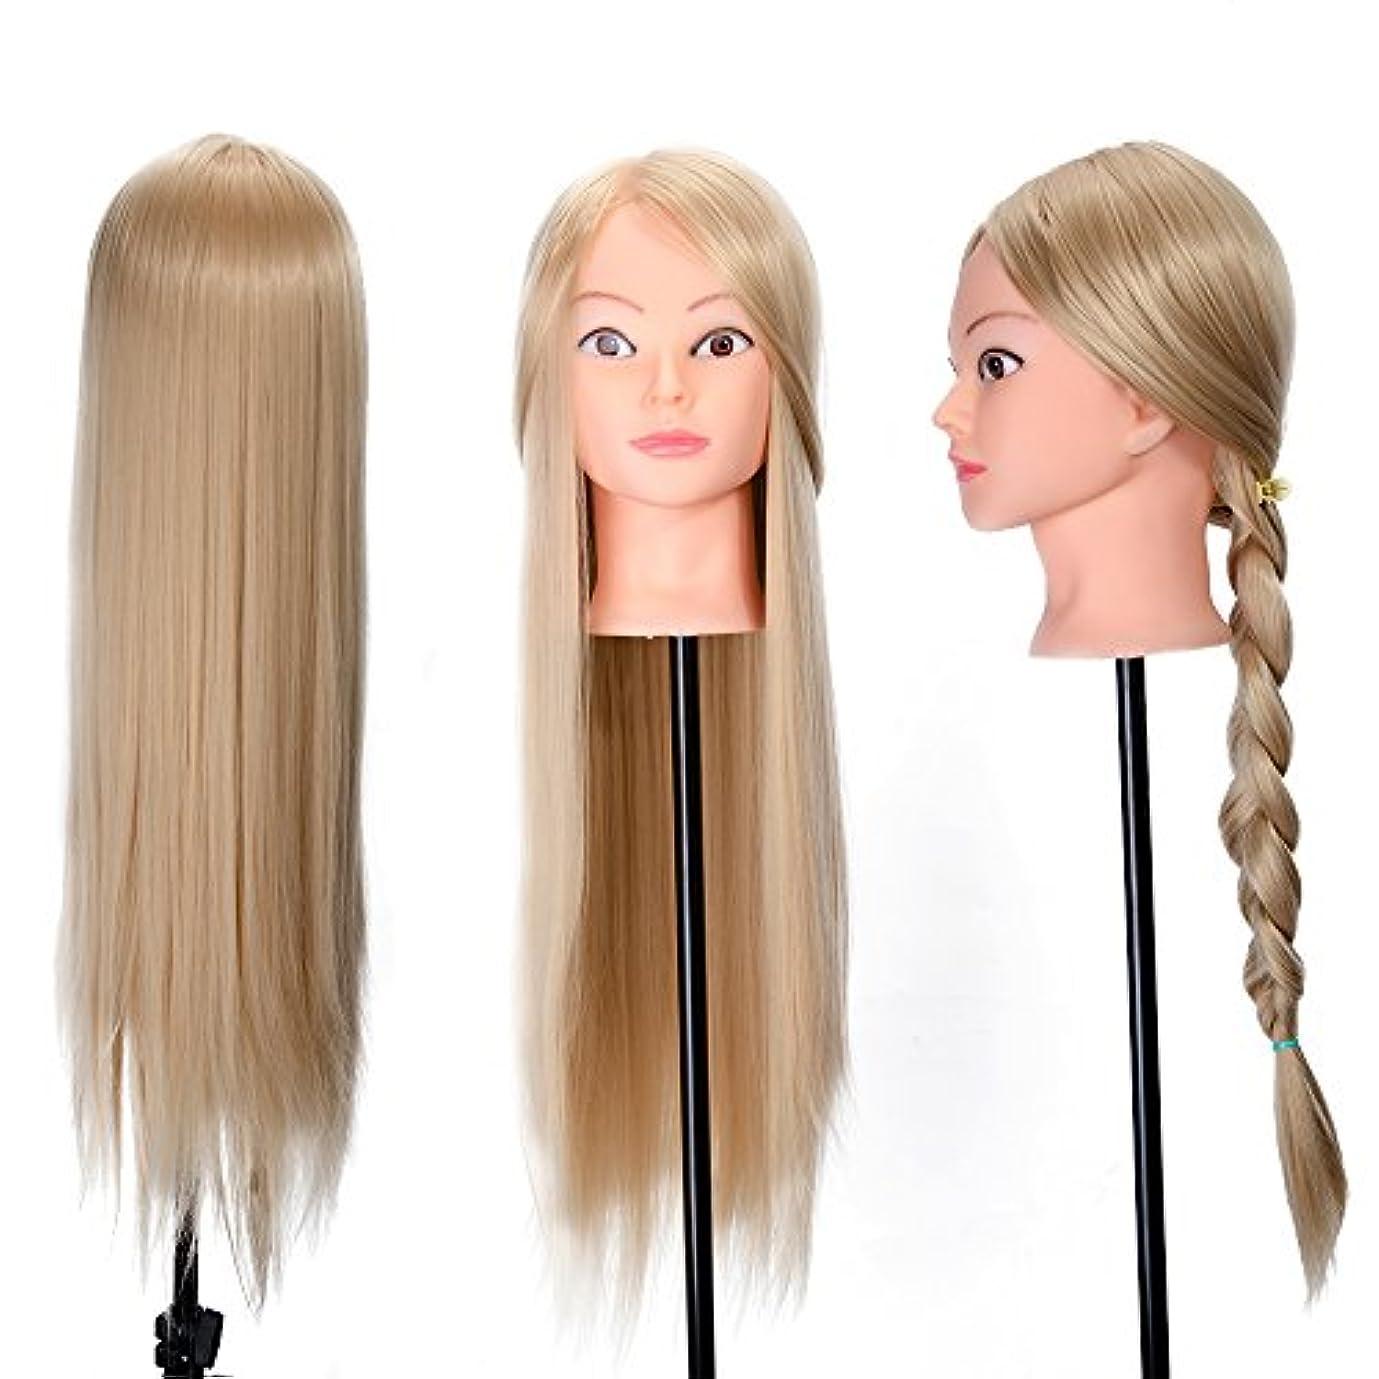 今日出版艦隊26インチトレーニングヘッドヘア編組モデルヘアスタイル人形でテーブルクランプサロンスタイリングデザインマネキンダミーヘッド